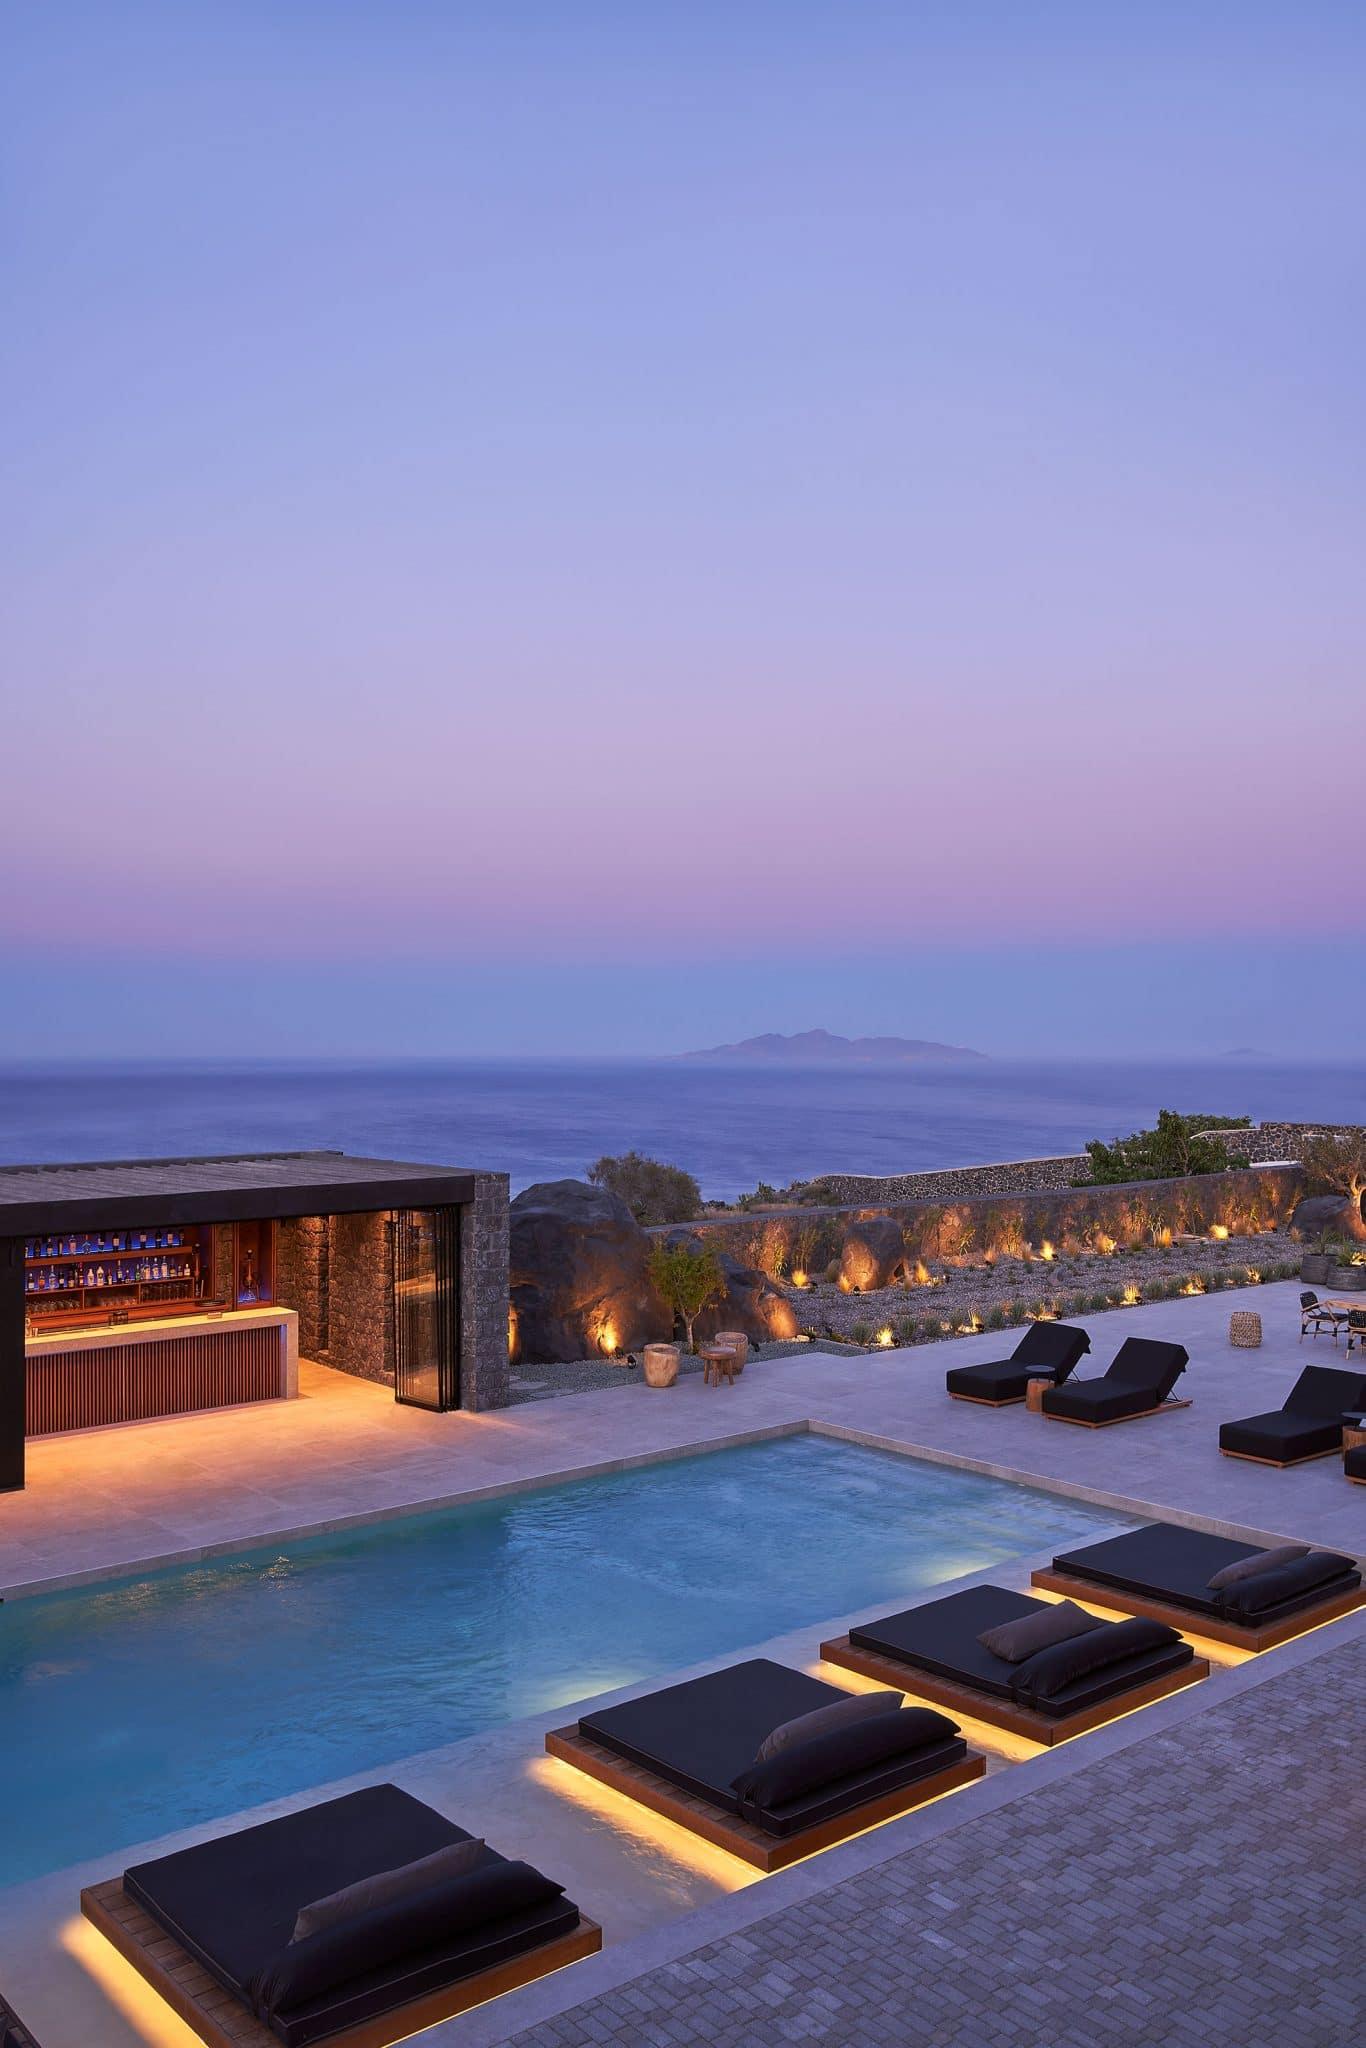 drz santanna luxury suites 0348